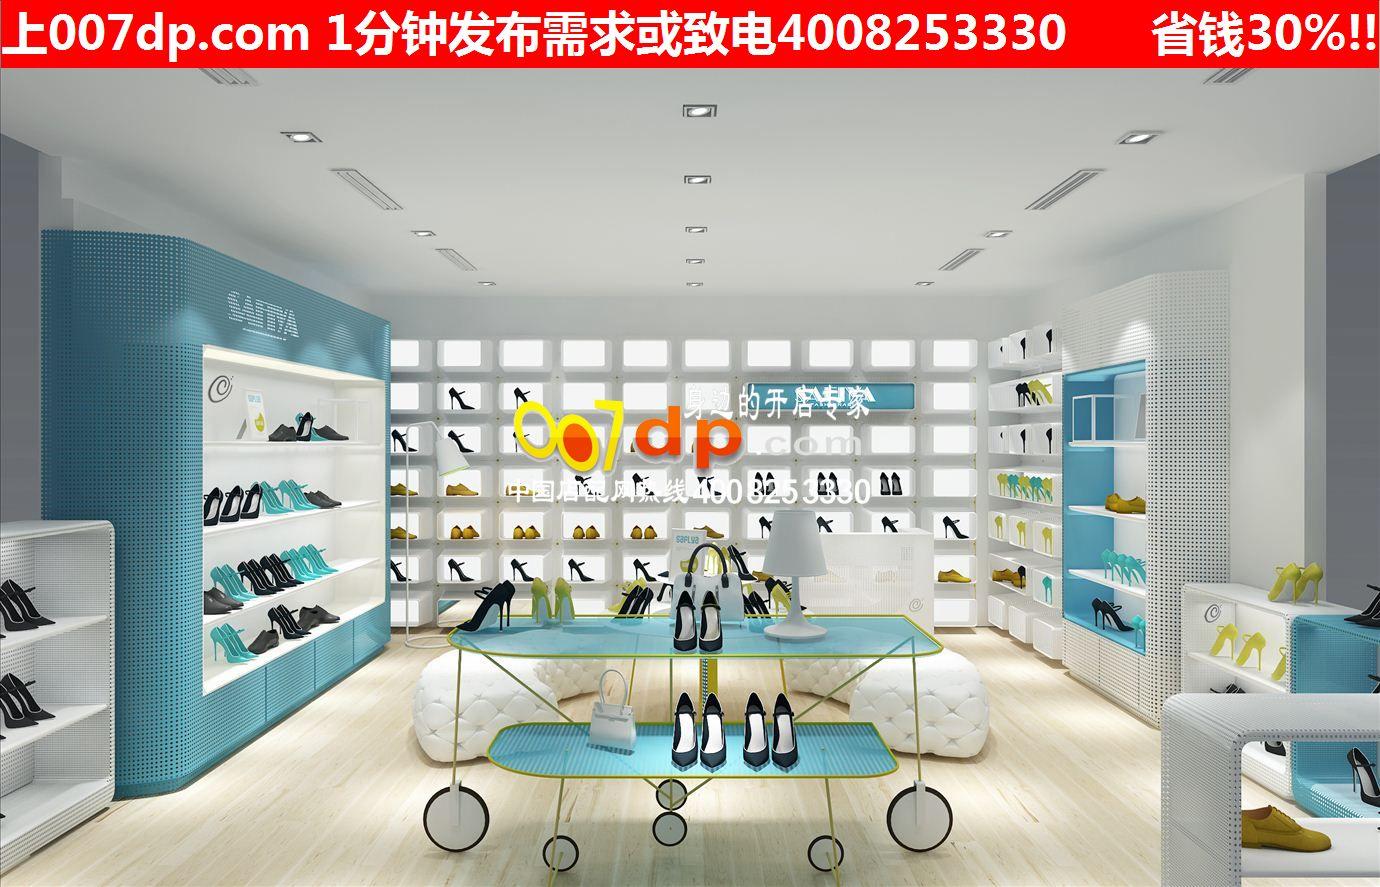 高档鞋店鞋柜鞋架设计效果图,鞋店货架,女鞋店装修图,童鞋店装修效果